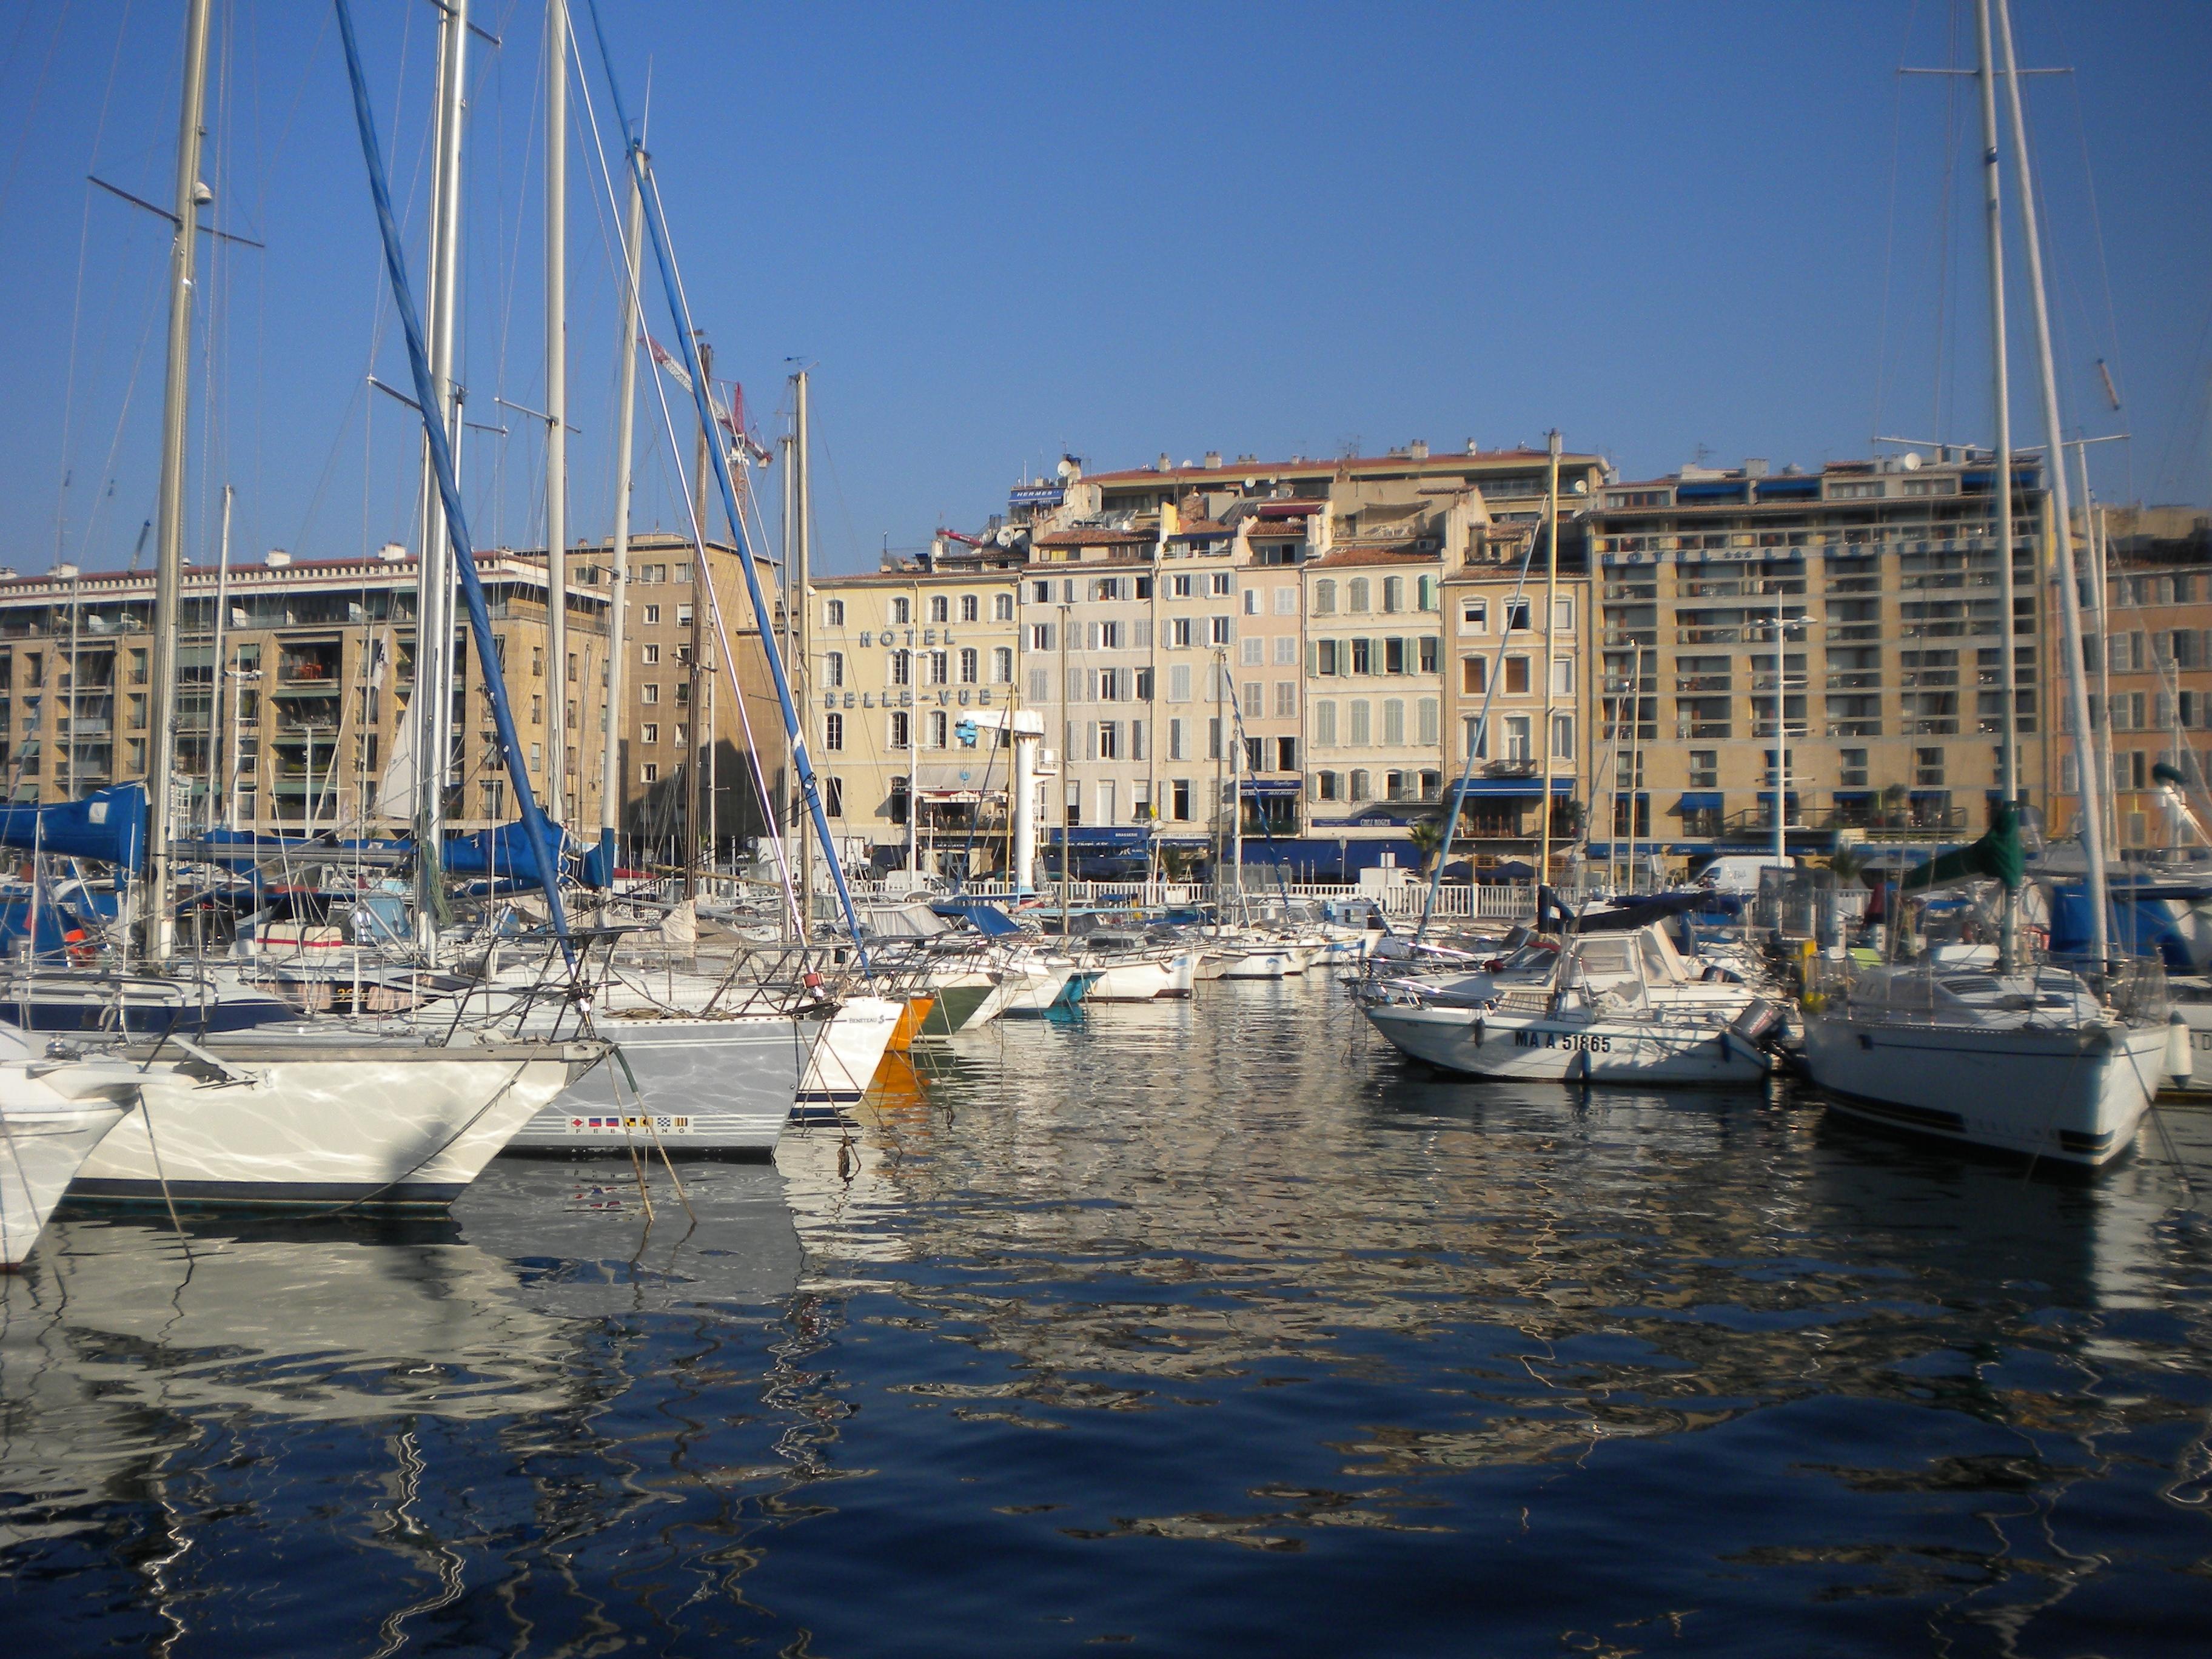 Les calanques 2 vieux port temporarily lost - Bouillabaisse marseille vieux port ...